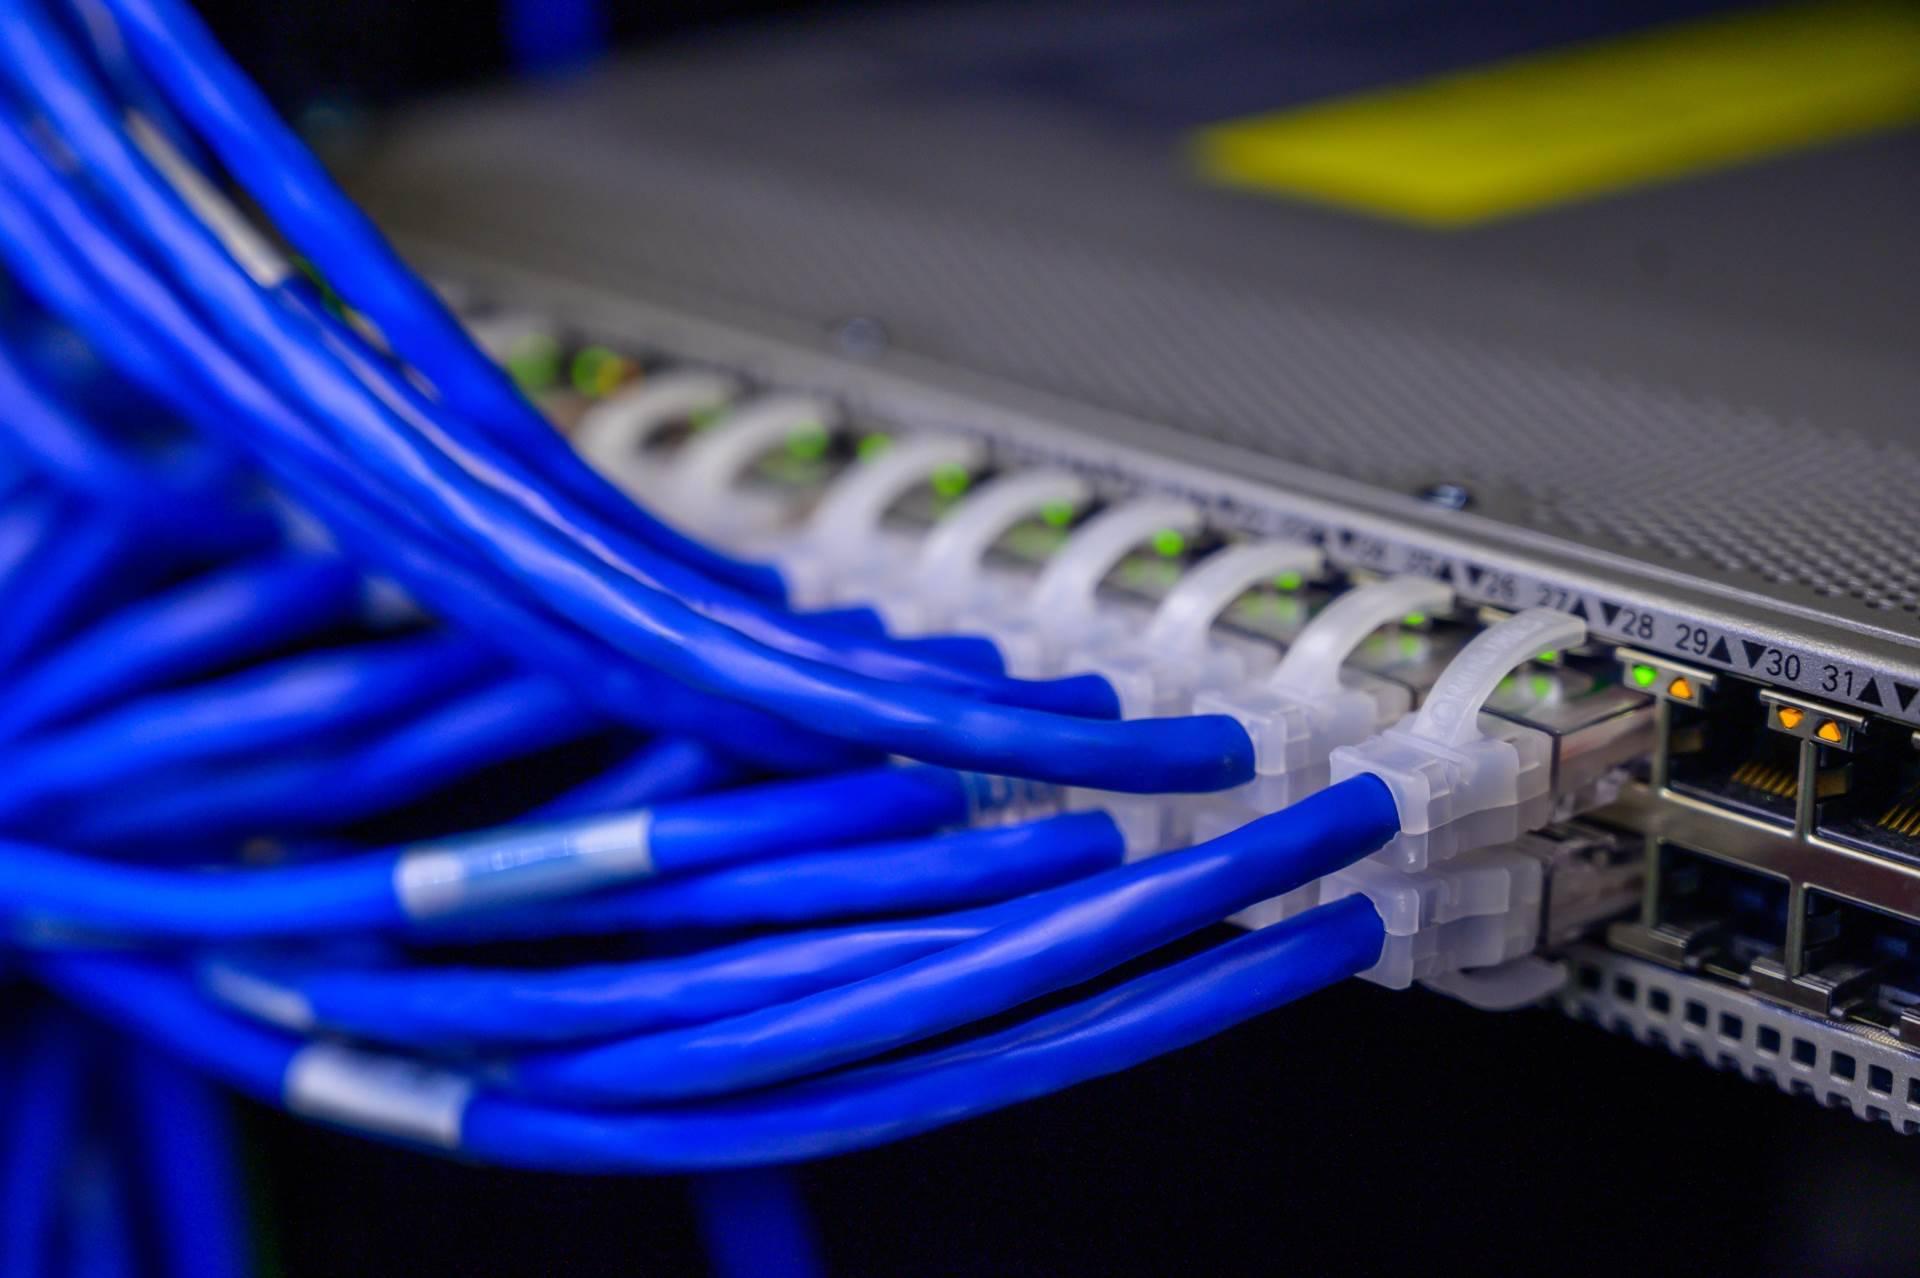 Kablede forbindelse